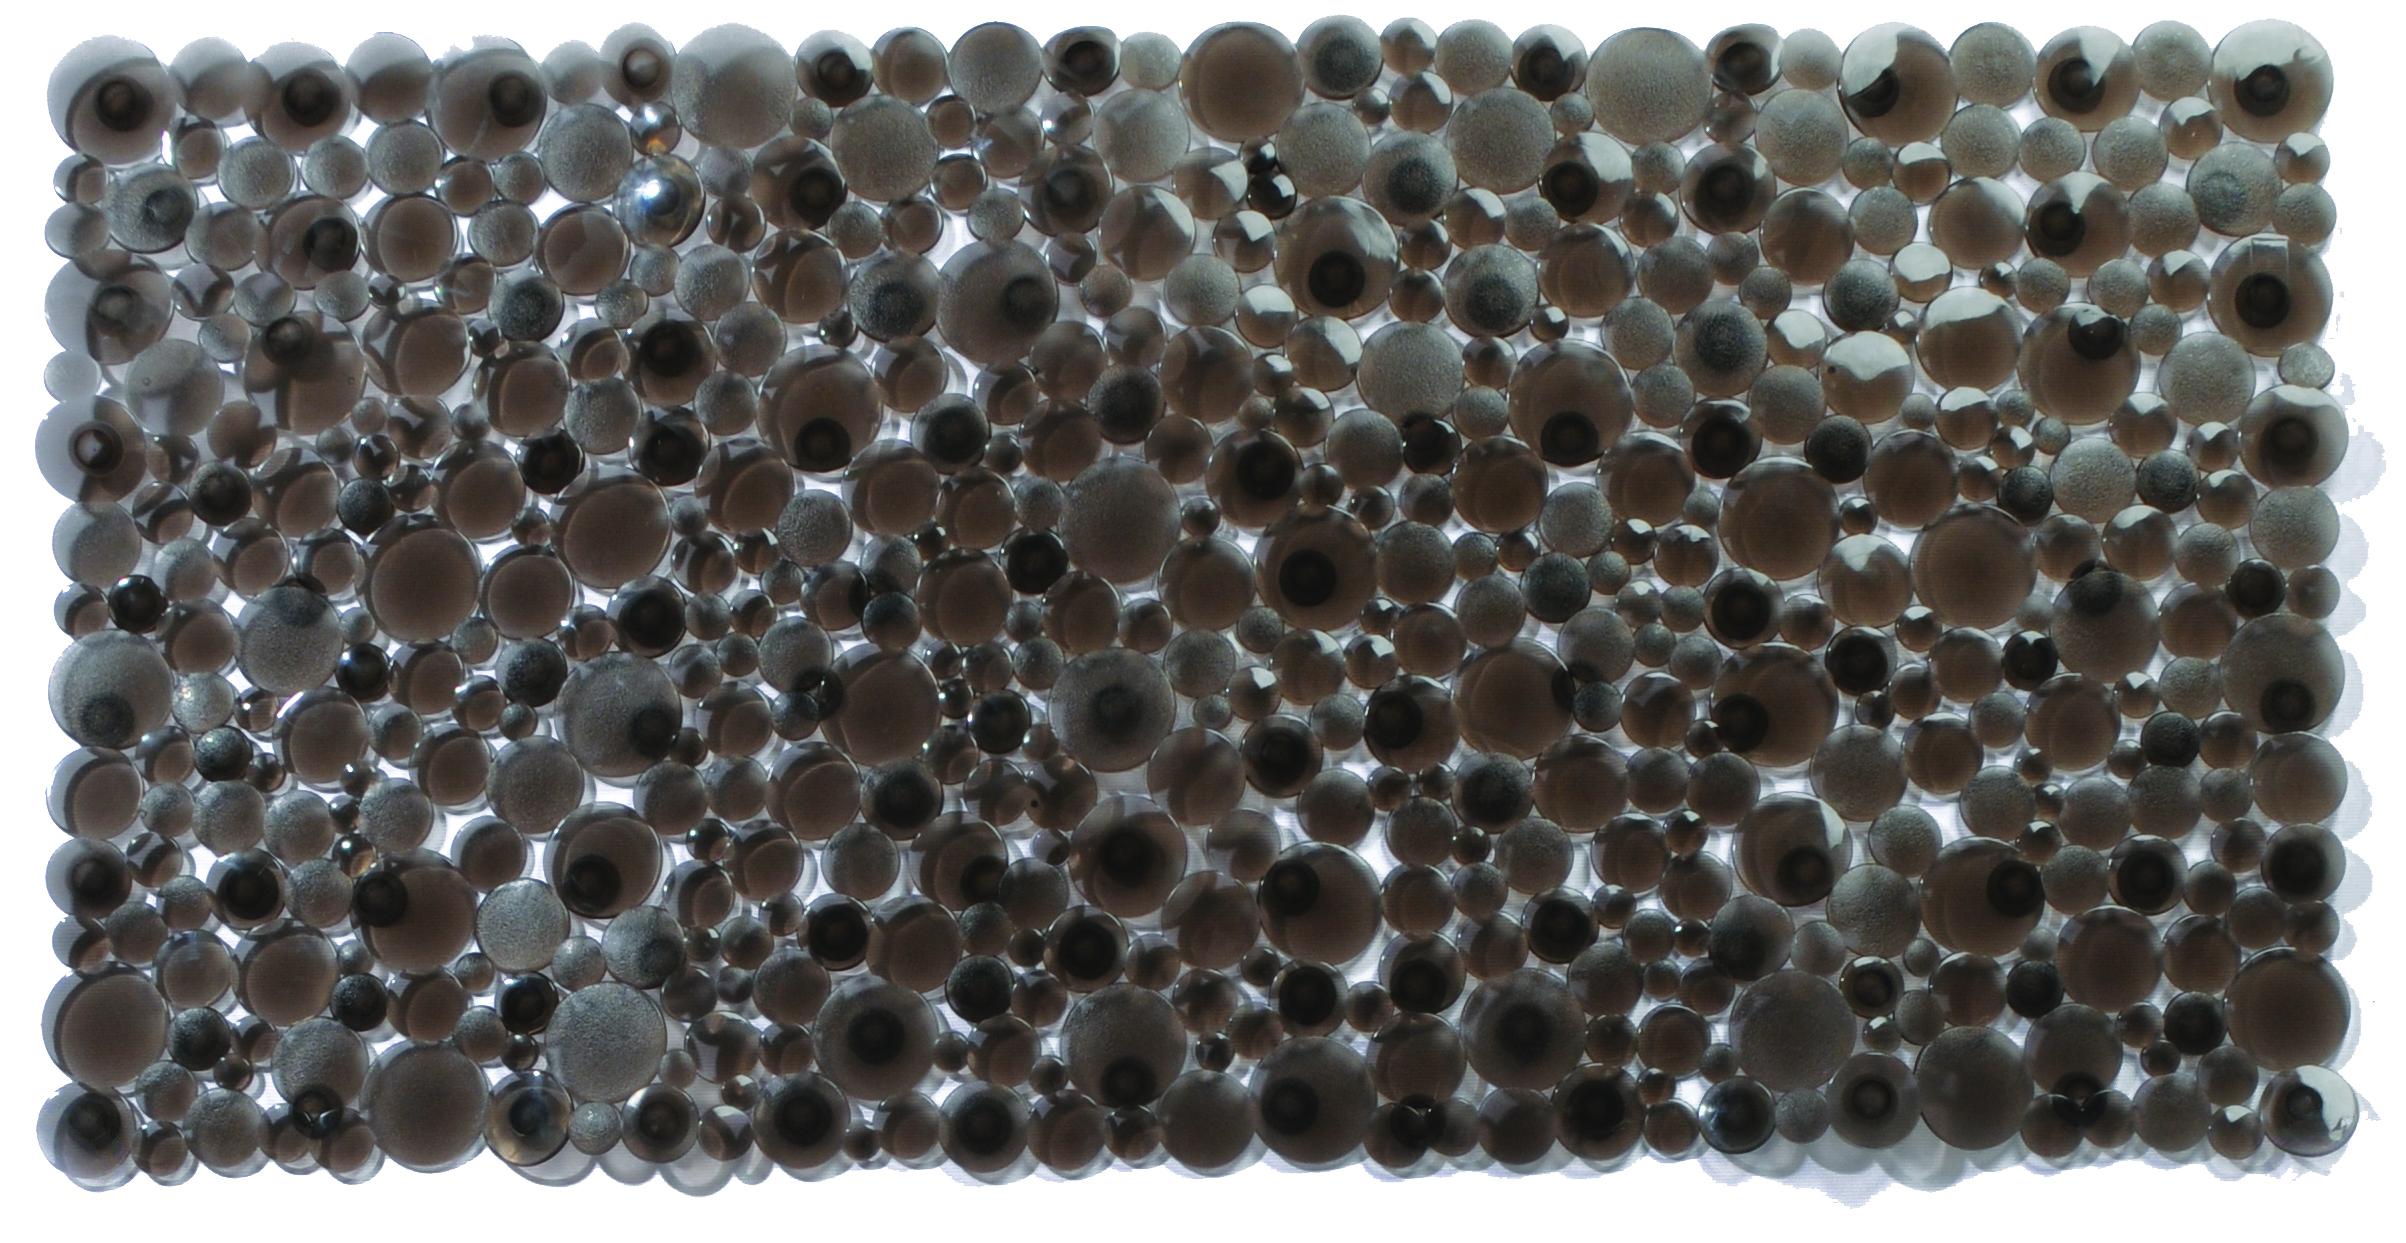 Ταπέτο αντιολισθητικό μπανιέρας SHINGLE 02-1667 (56X35), ESTIA μπανιο   ταπέτα aντιολισθητικά